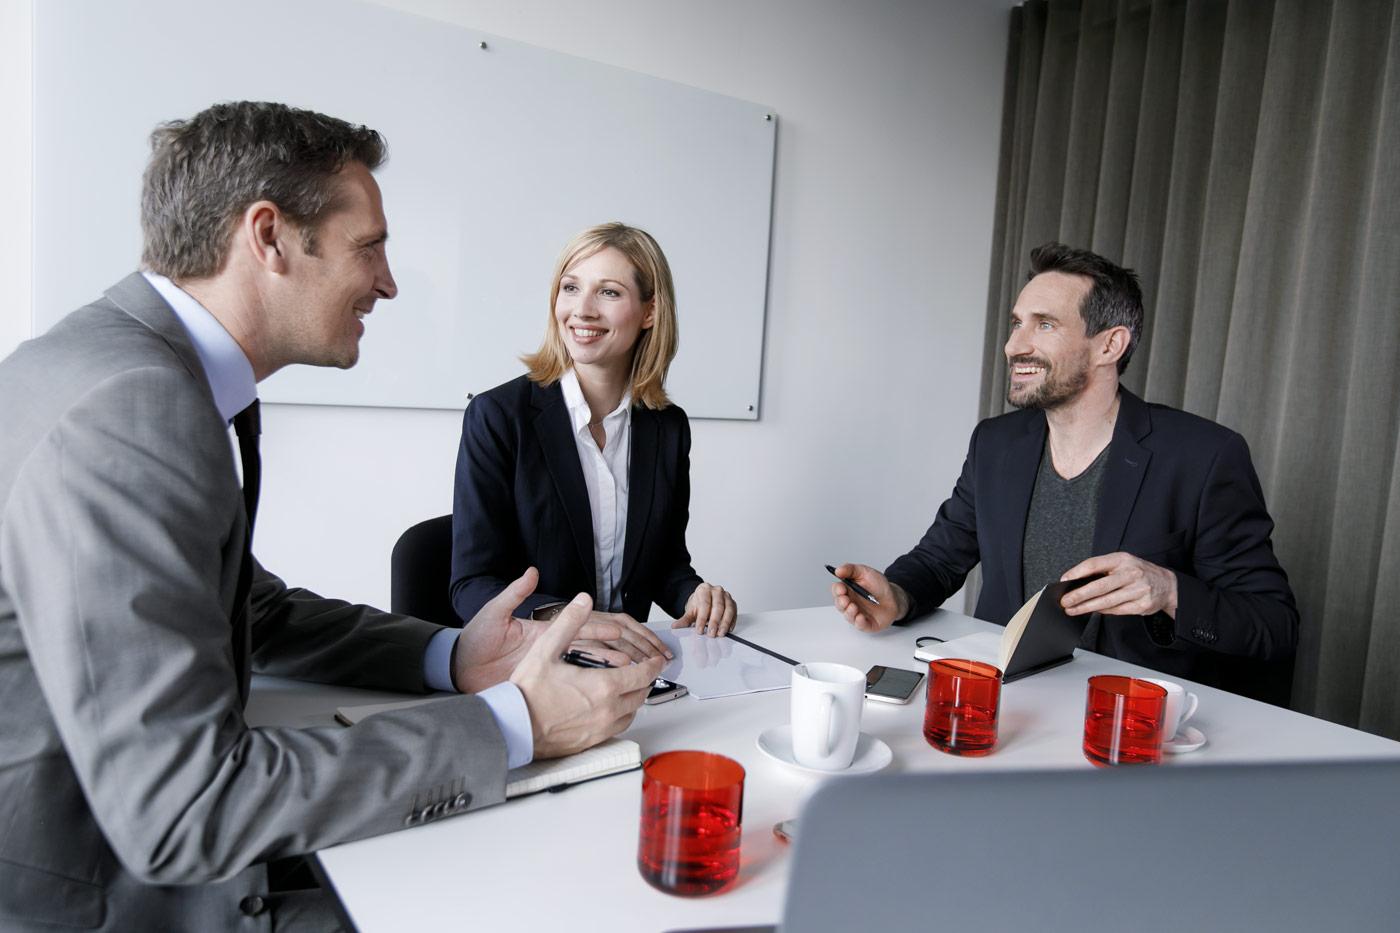 Kollegen beim Meeting - Fotografie für Unternehmen.